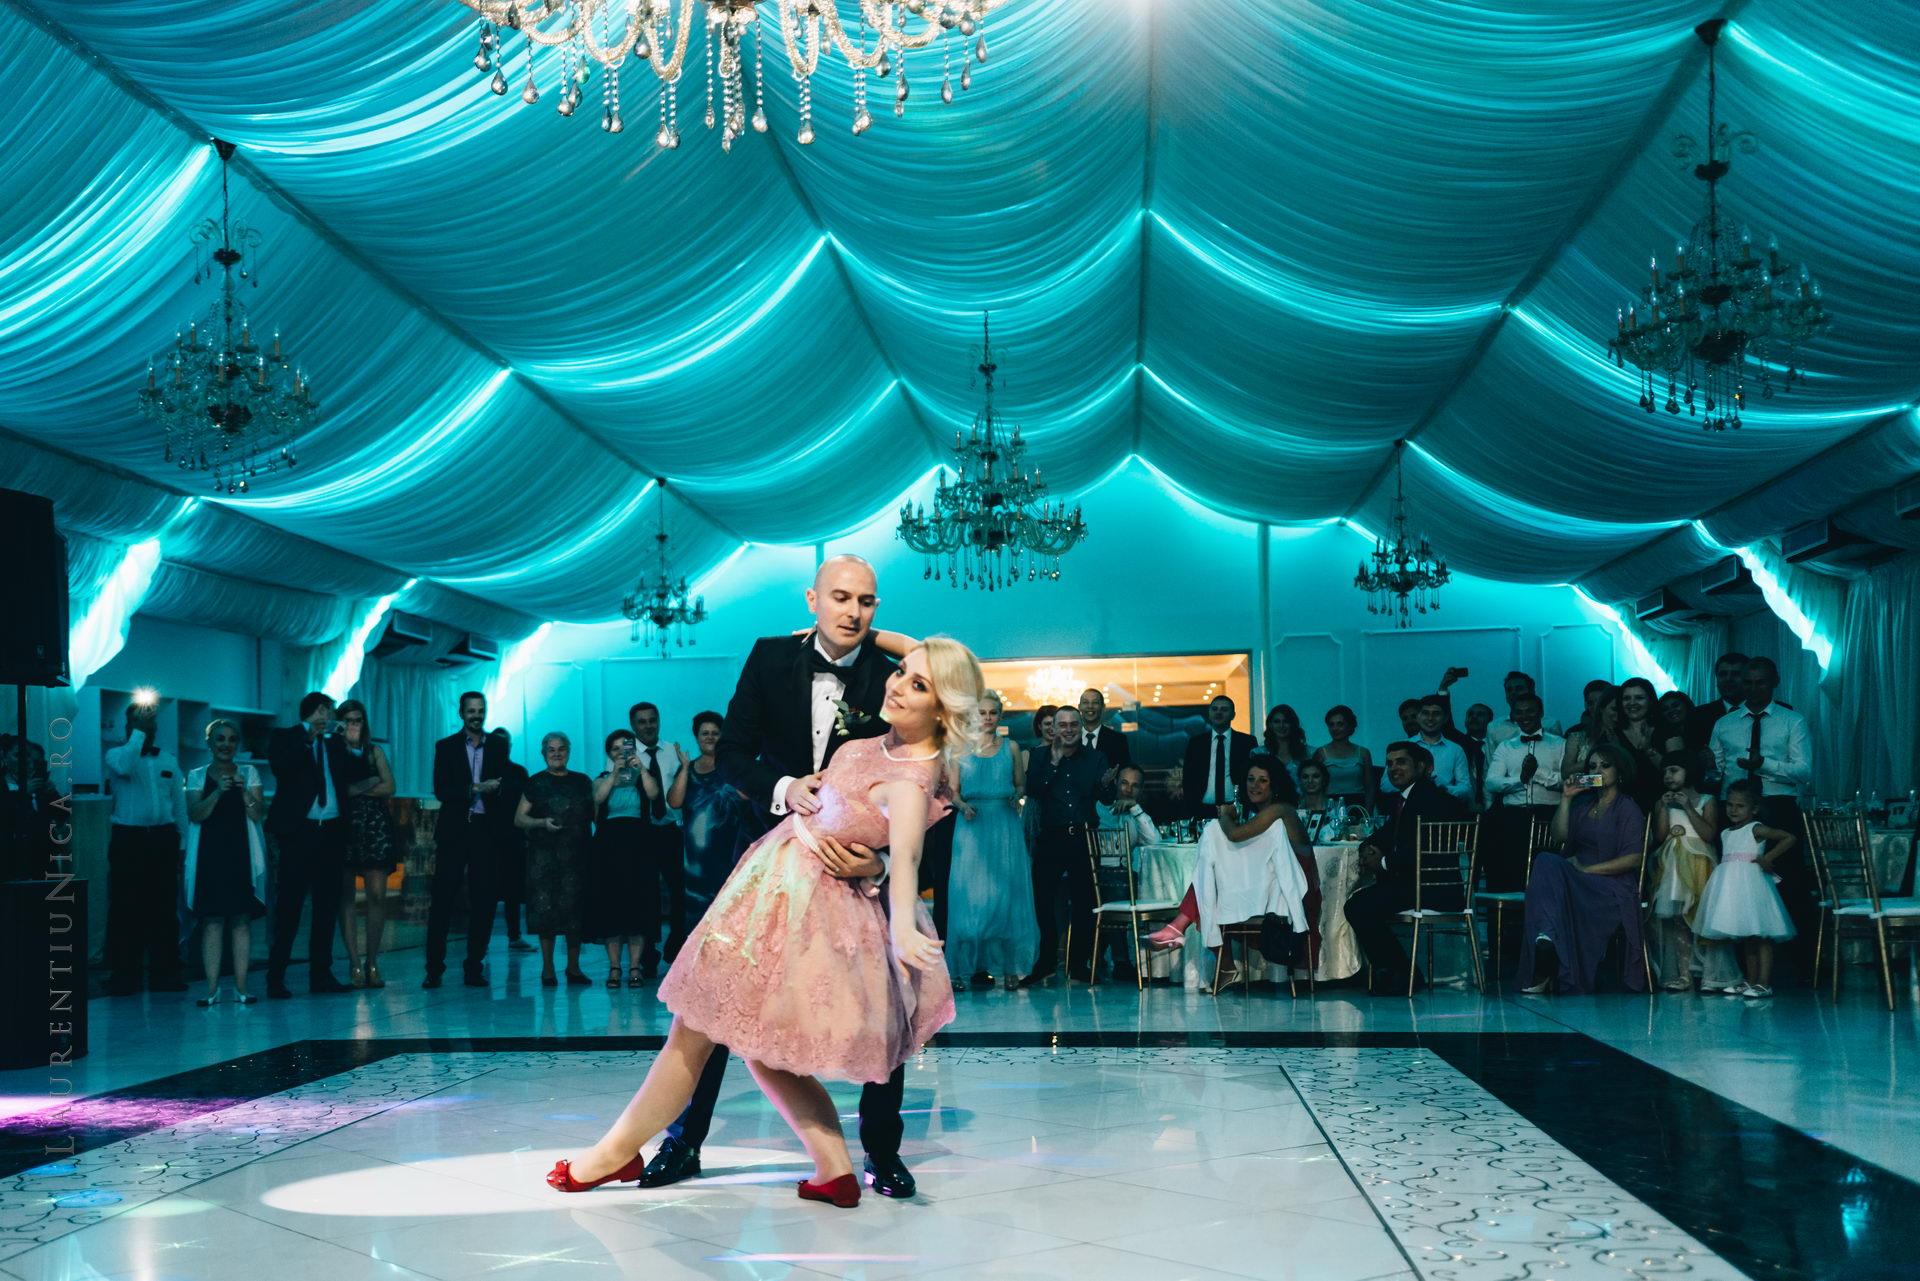 lavinia si adi fotograf laurentiu nica craiova 065 - Lavinia & Adi | Fotografii nunta